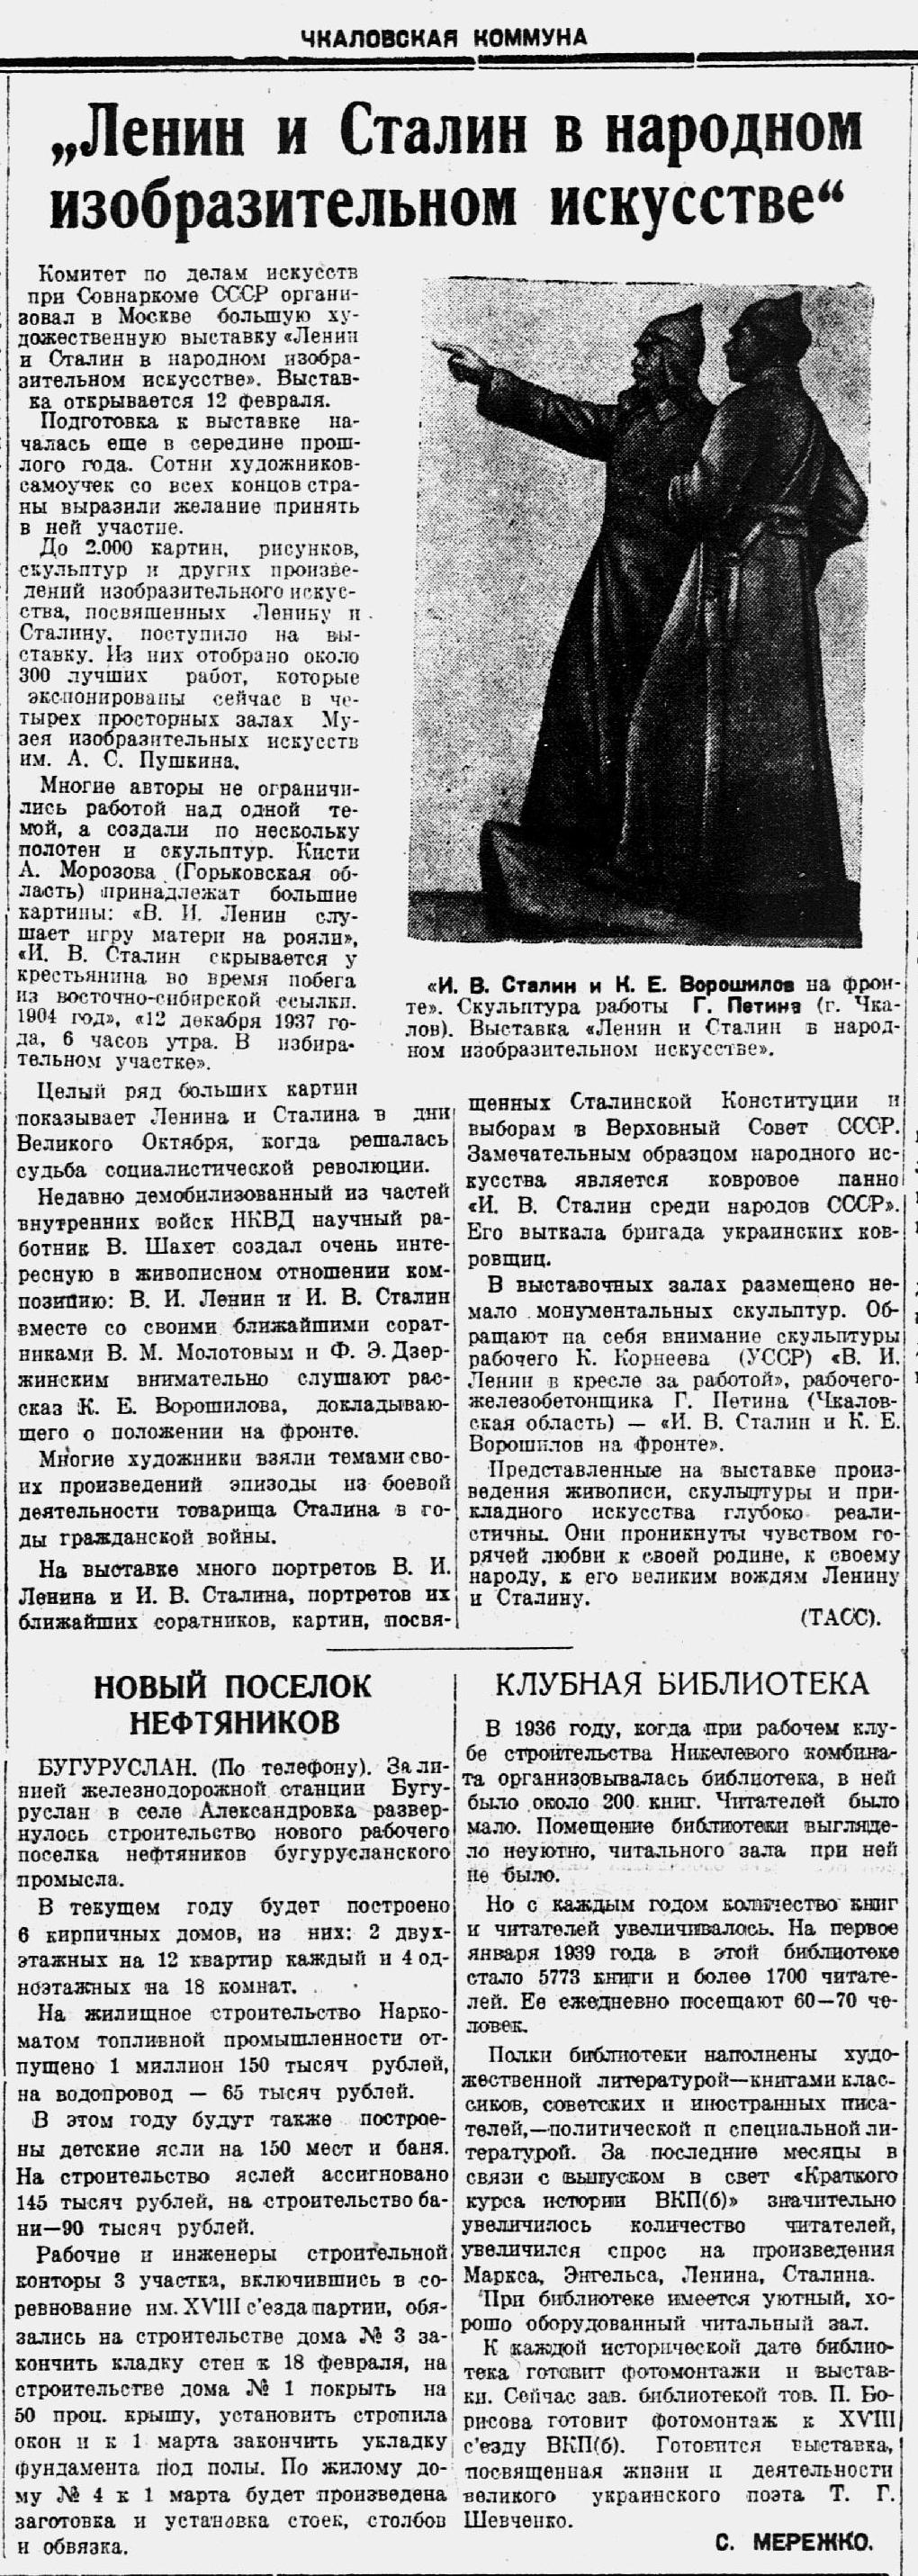 «Чкаловская коммуна», 1939 г., № 35, 12 февраля.